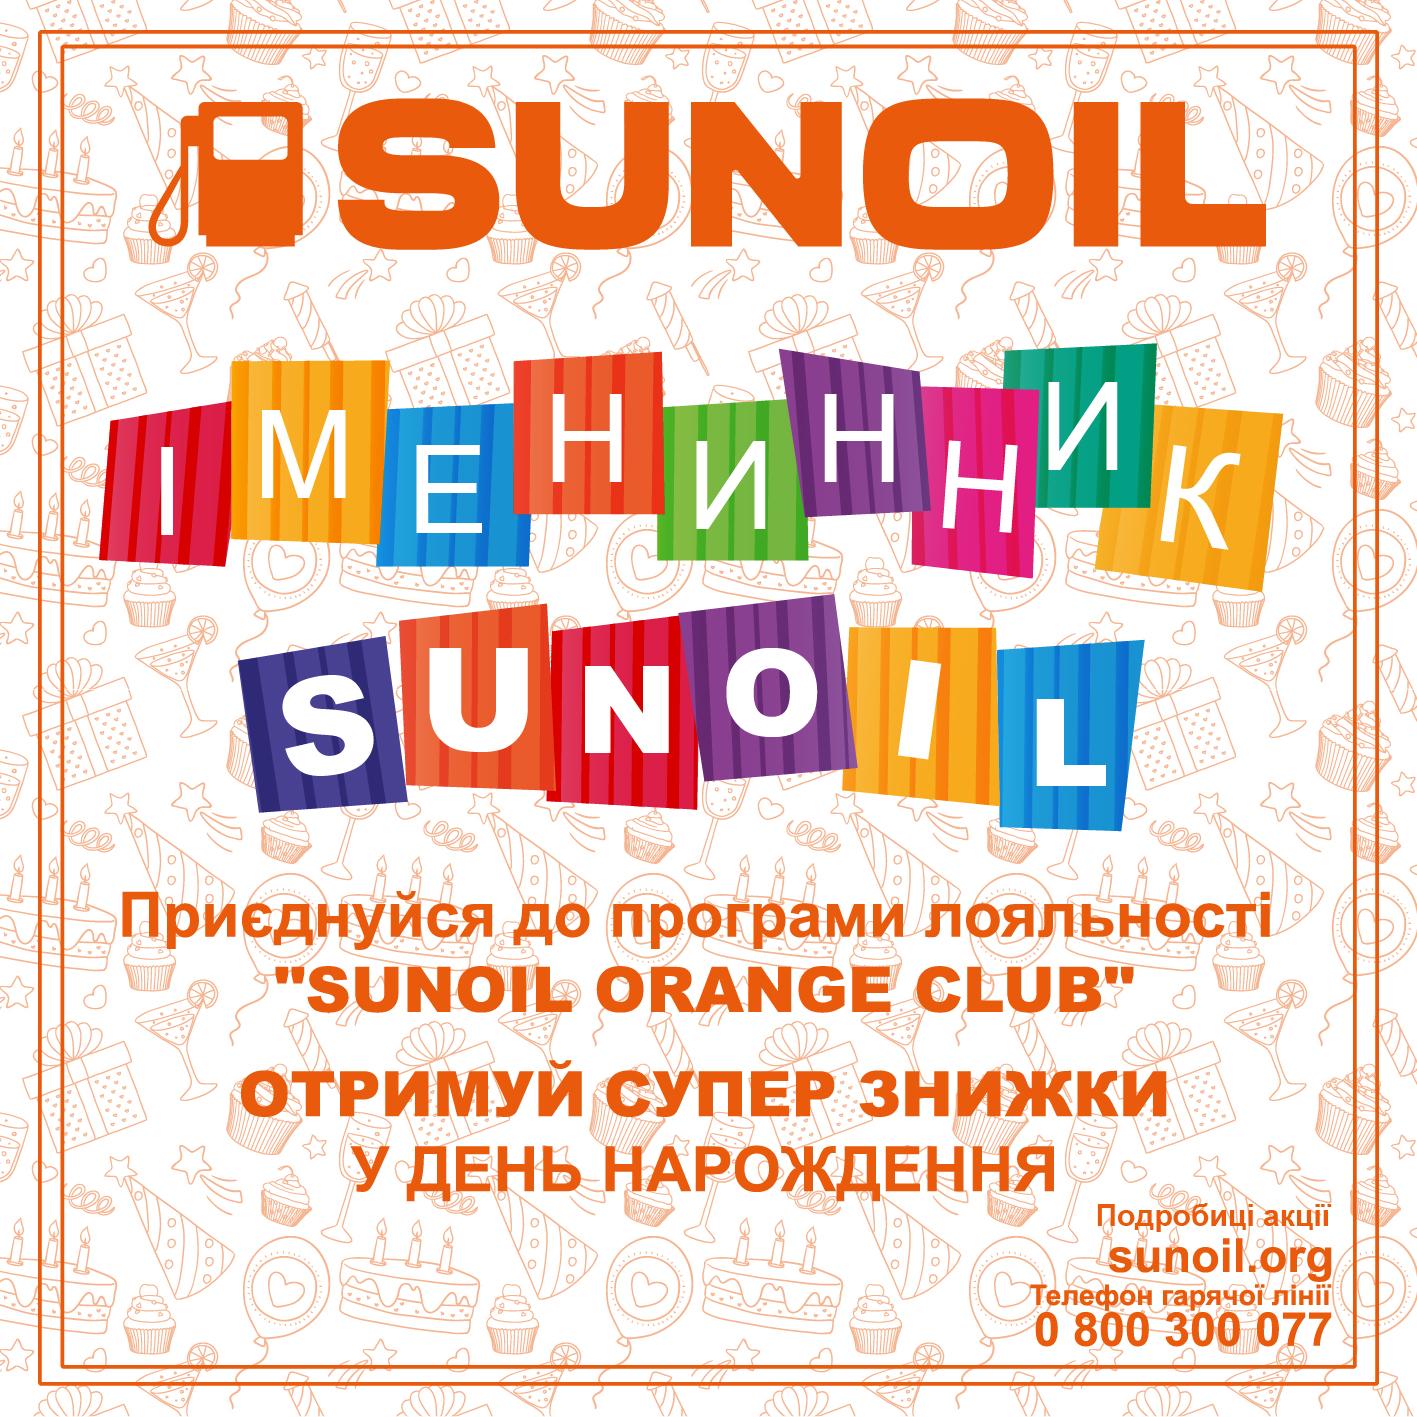 «OilNews»: Маркетинг: SUN OIL дарит скидки в дни рождения